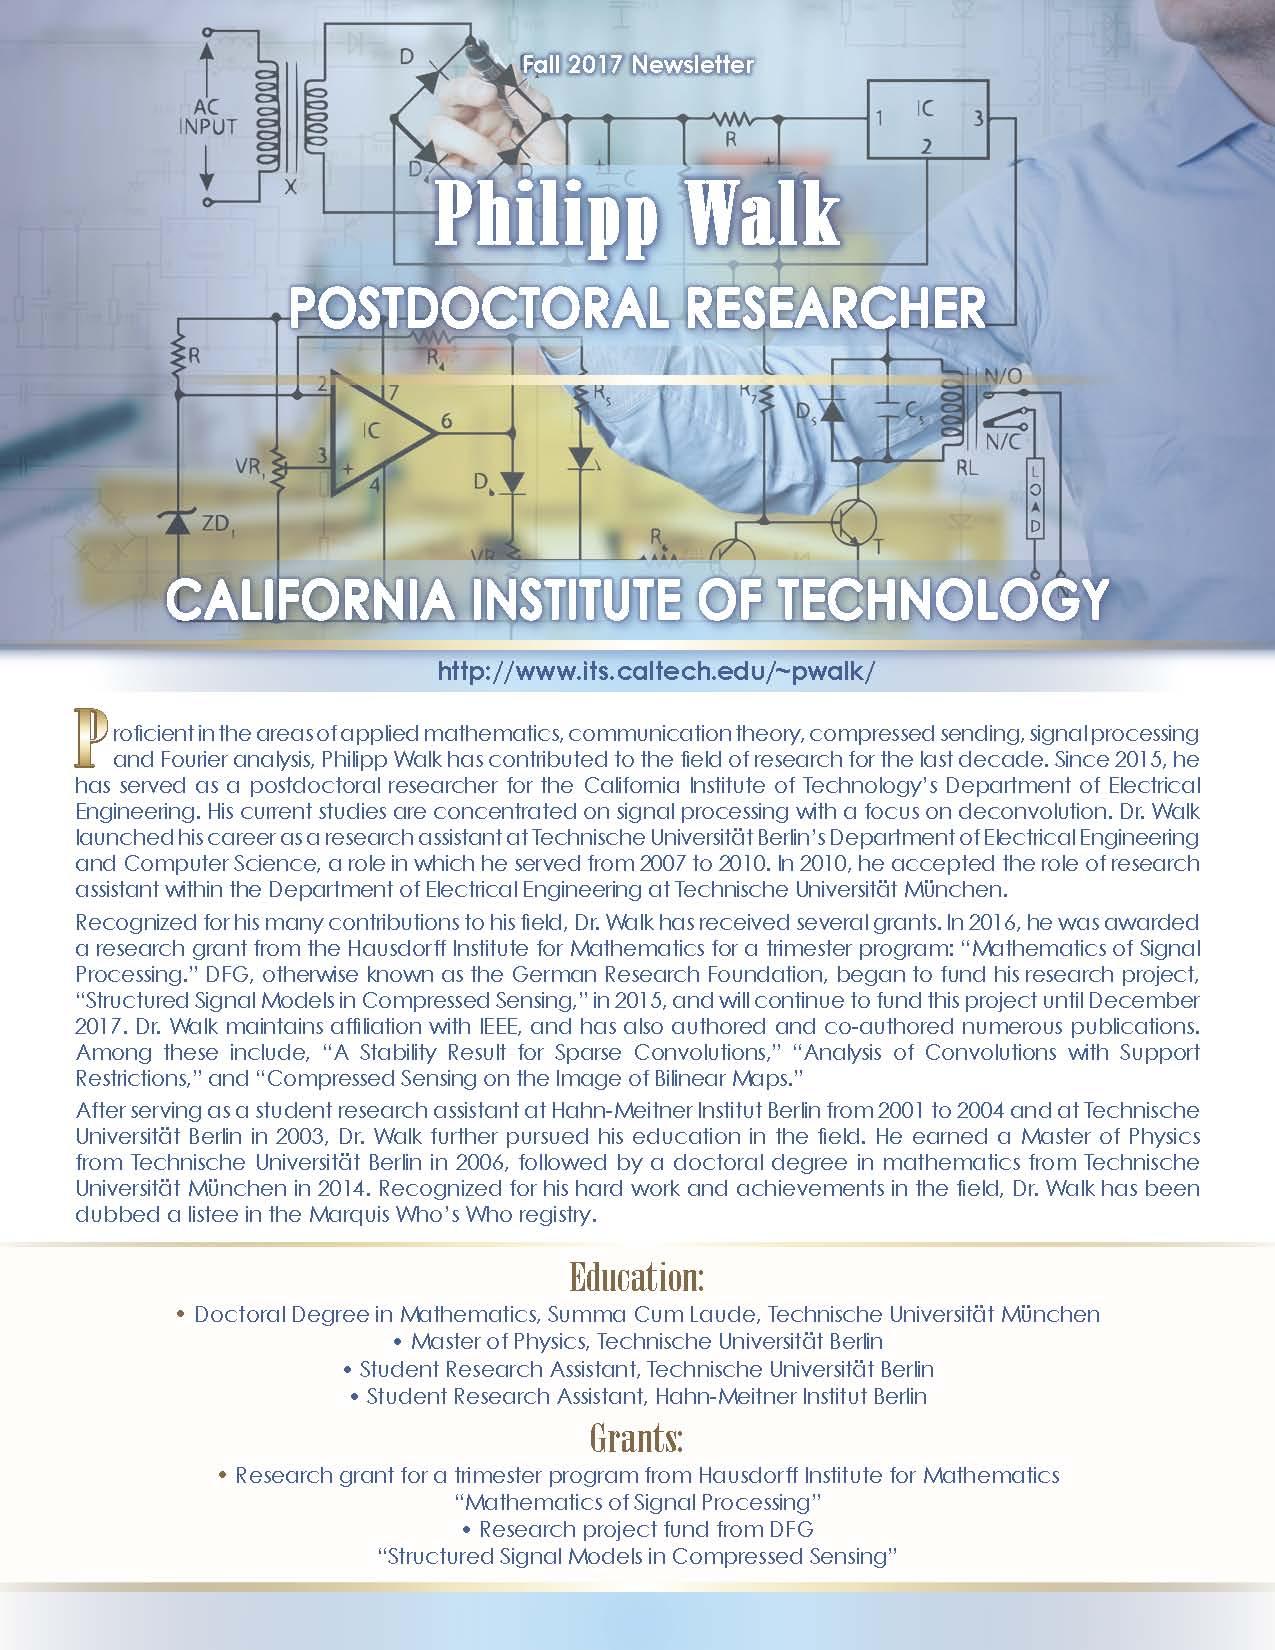 Walk, Philipp 3658591_4003658591 Newsletter.jpg